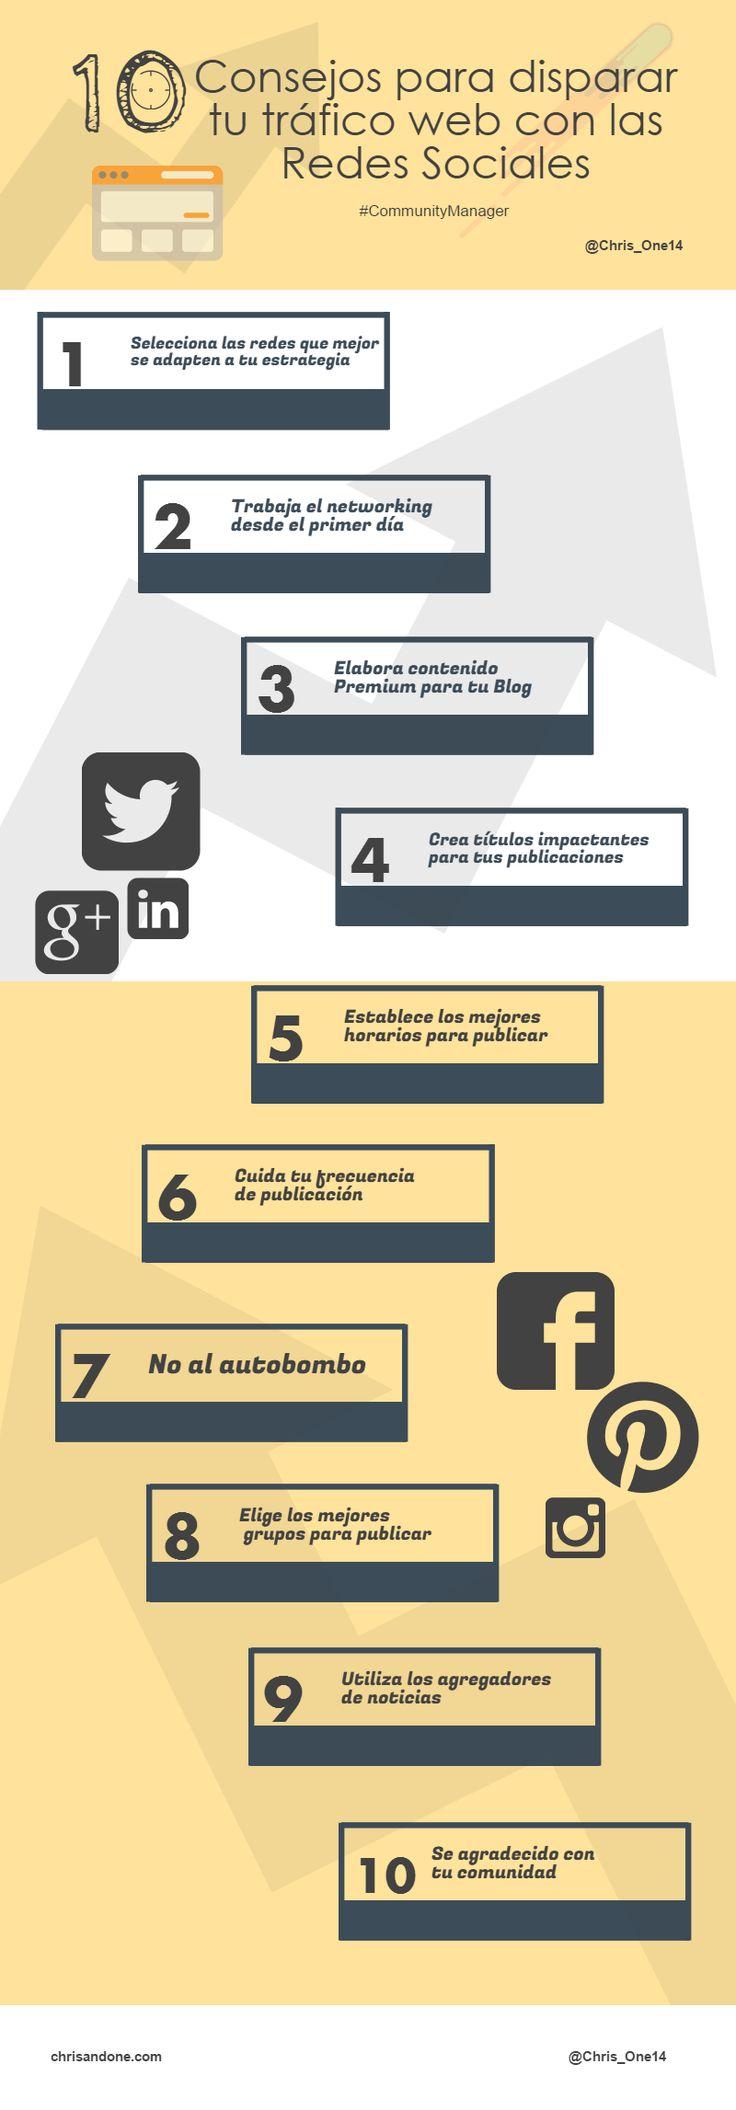 10 Consejos para disparar tu tráfico web con las Redes Sociales #infografia  Ideas Negocios Online para www.masymejor.com